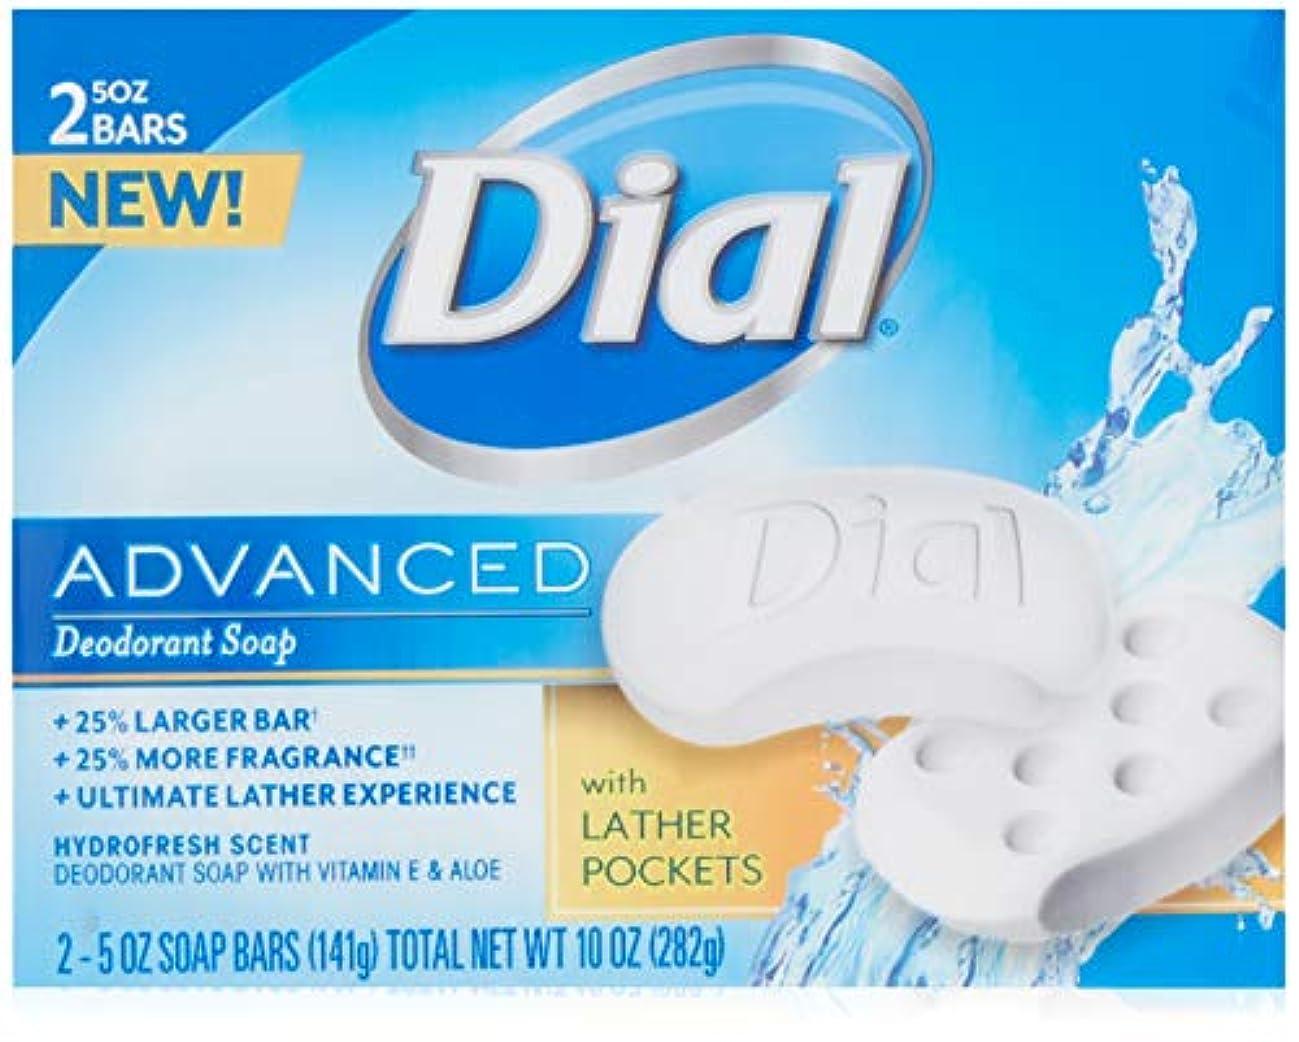 楽しませる汚物ブラシDial 高度なデオドラントソープバーHydrofresh香り、10オズ